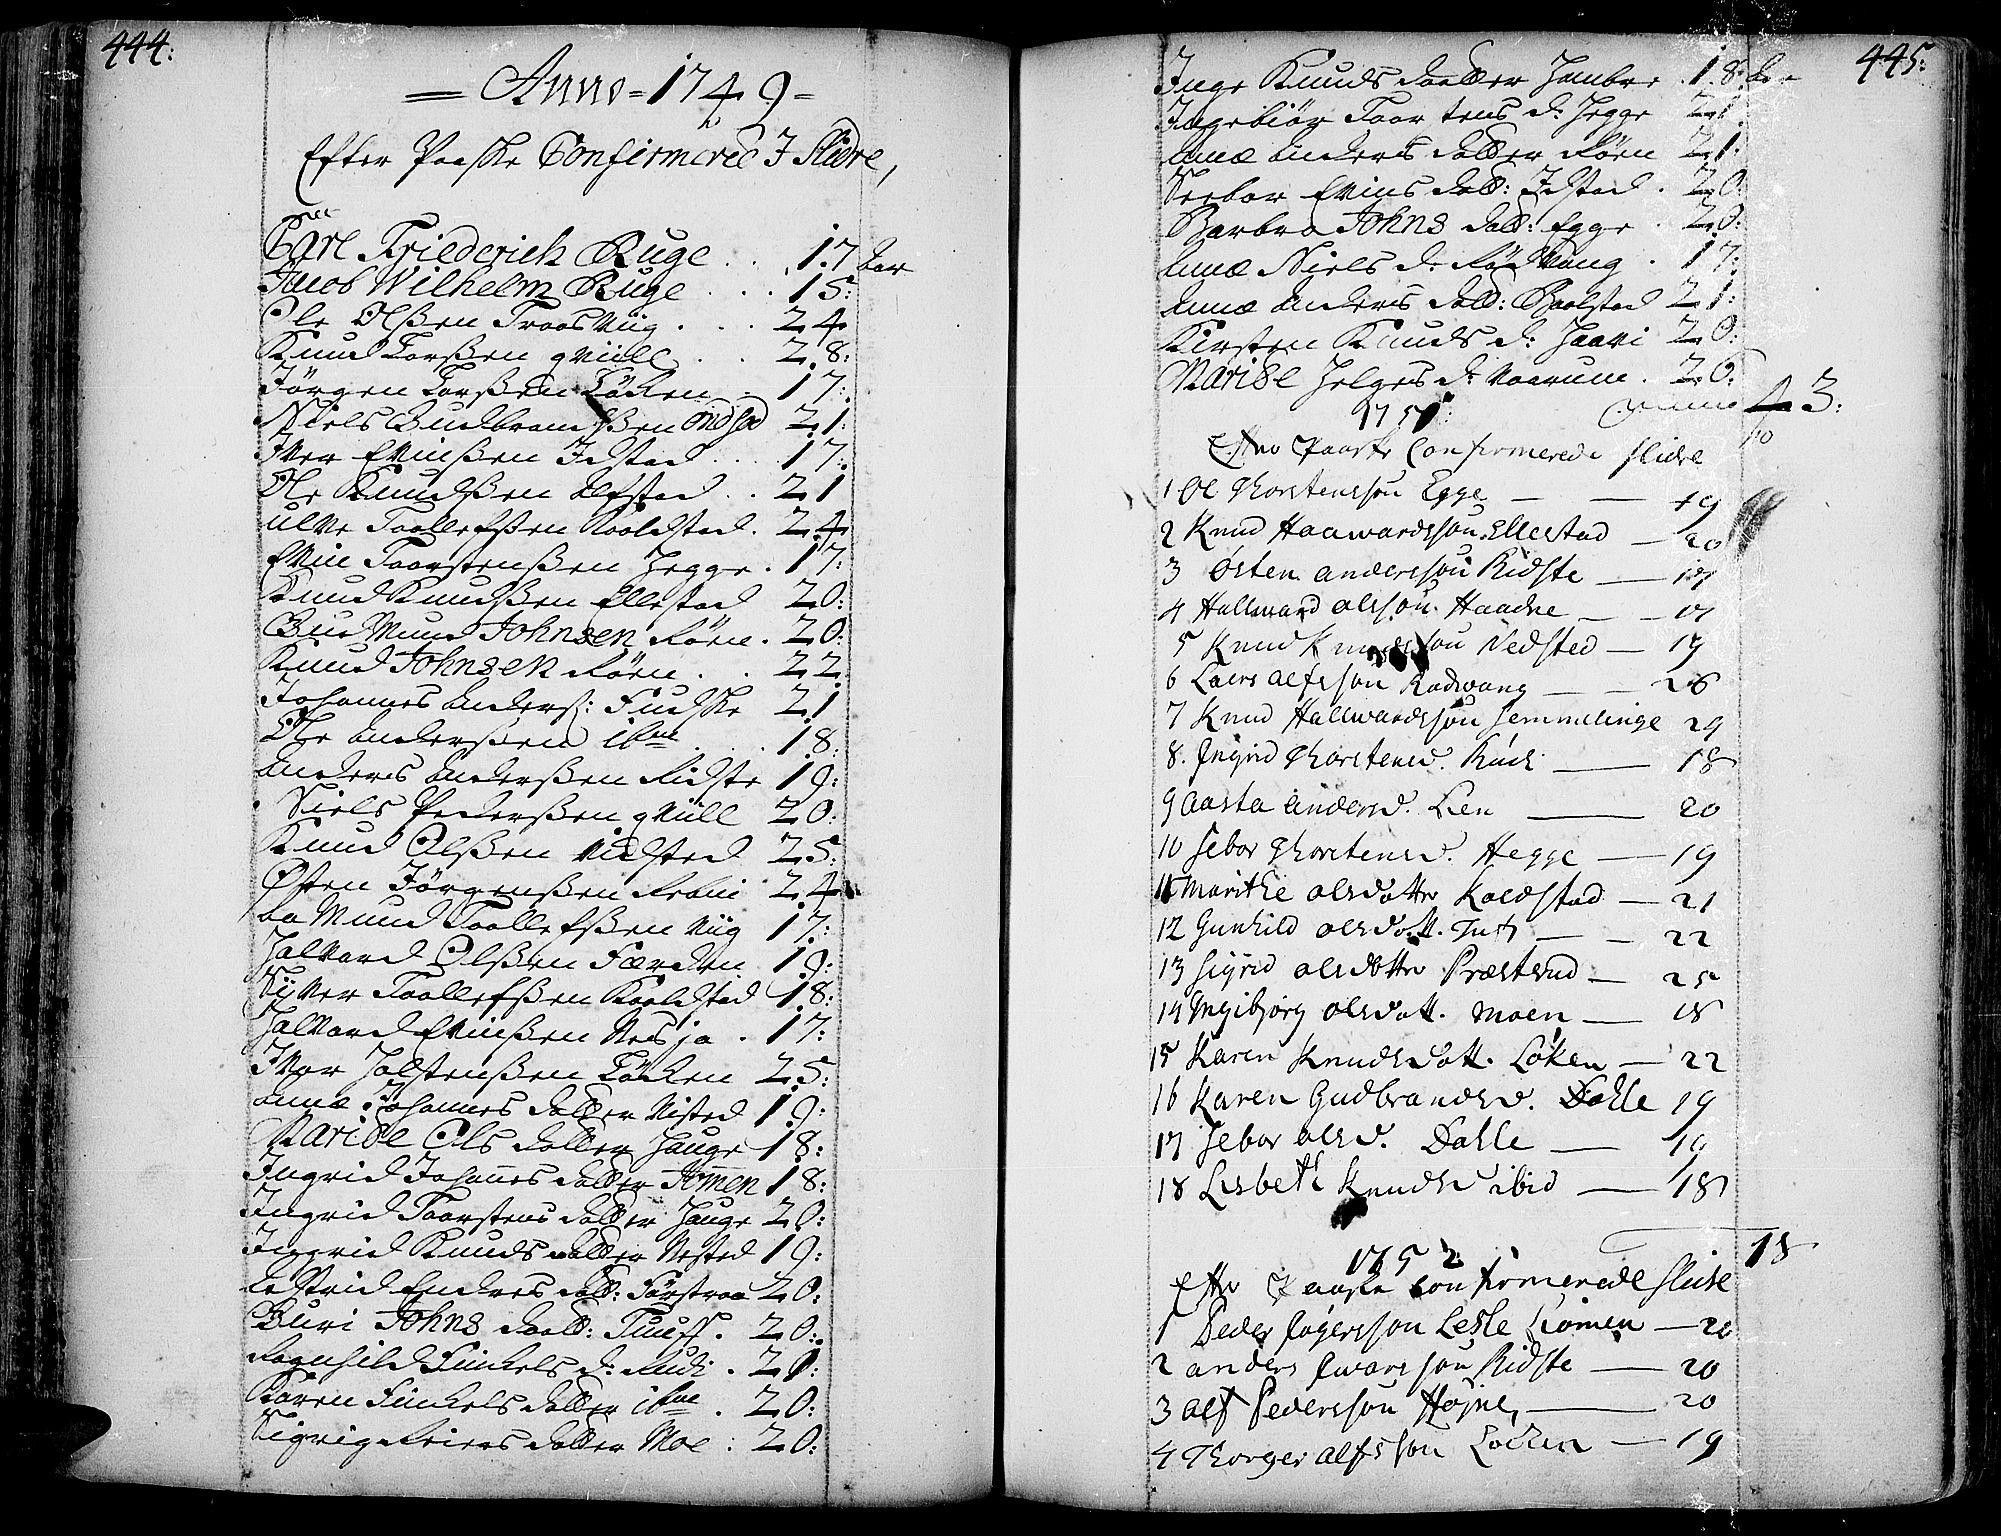 SAH, Slidre prestekontor, Ministerialbok nr. 1, 1724-1814, s. 444-445